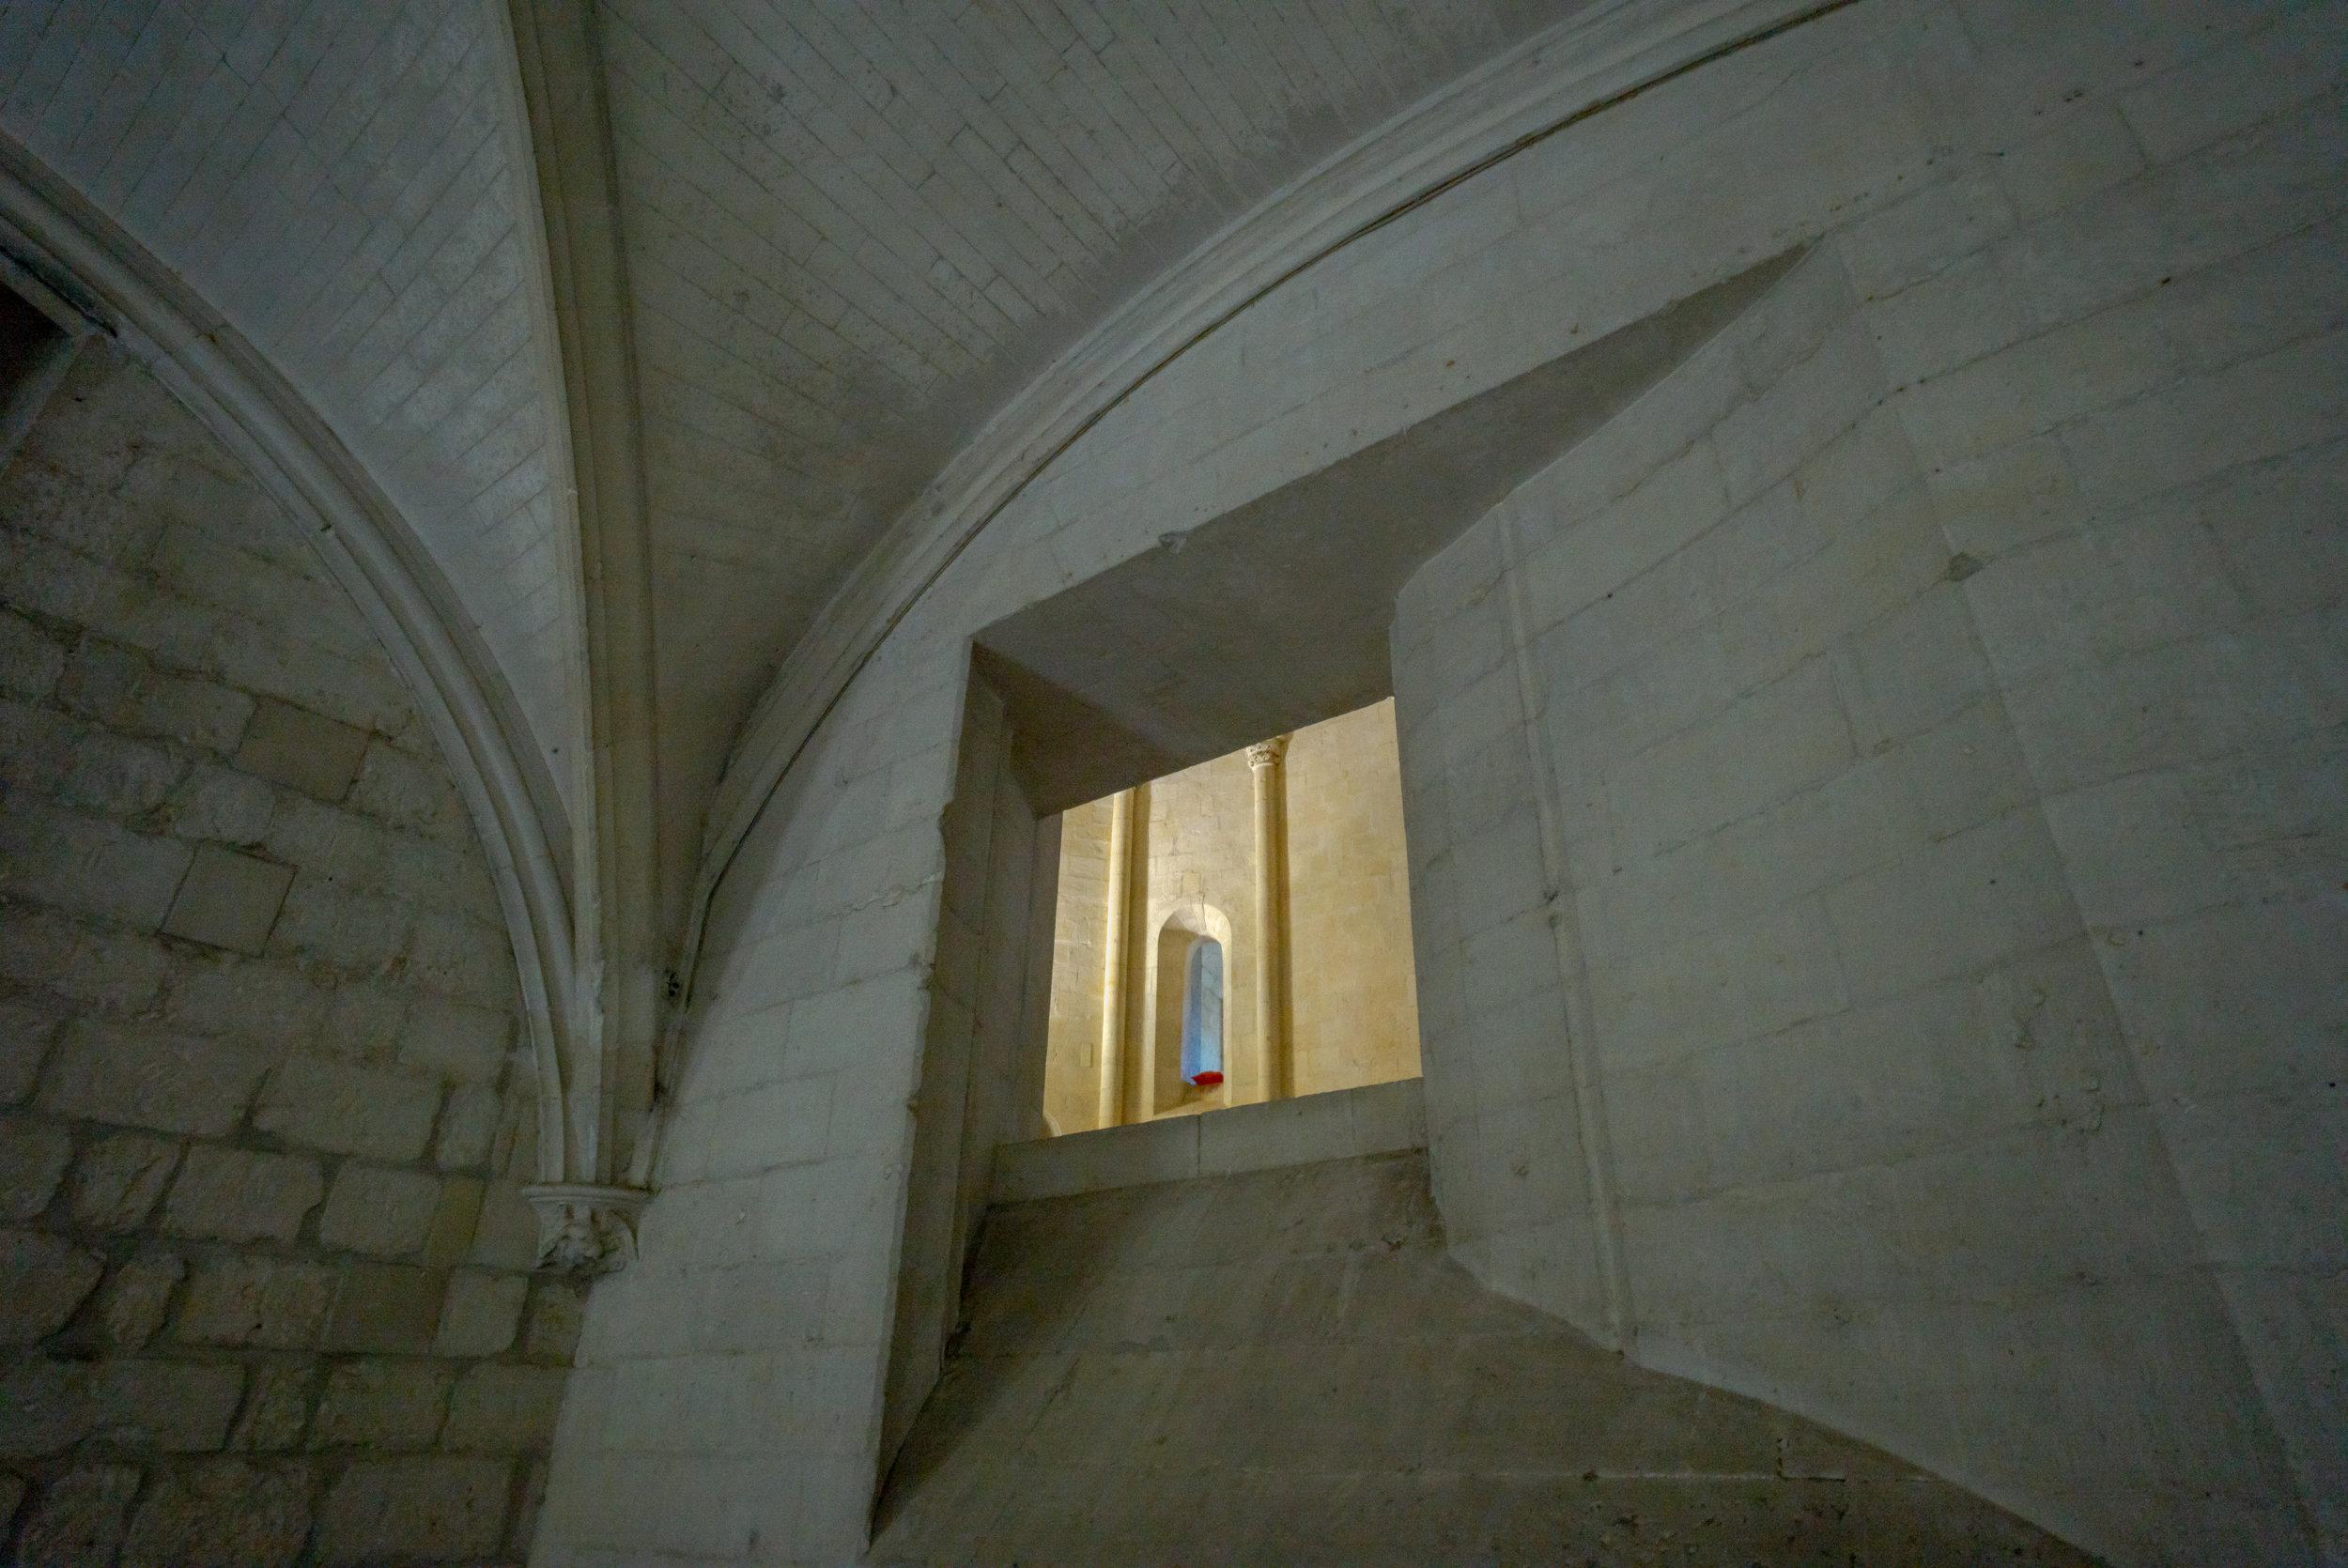 Chapel in Château de Tarascon, Tarascon, France